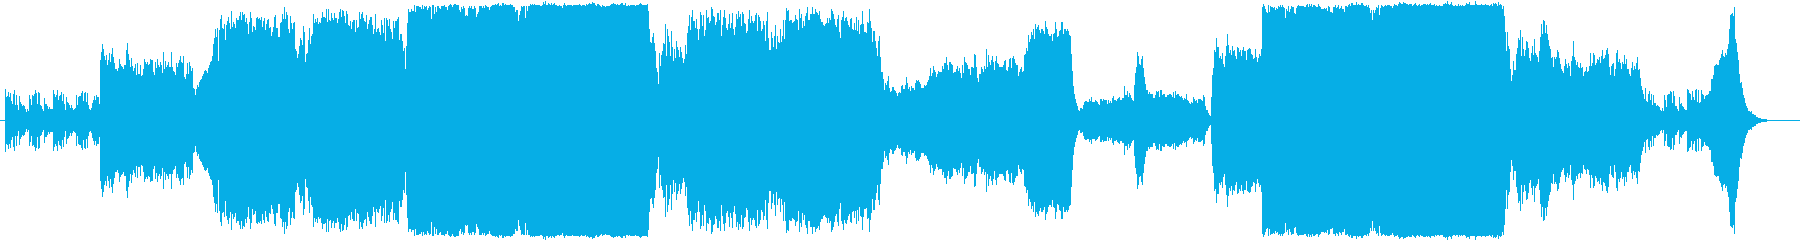 重厚壮大なエピック系オーケストラBGMの再生済みの波形